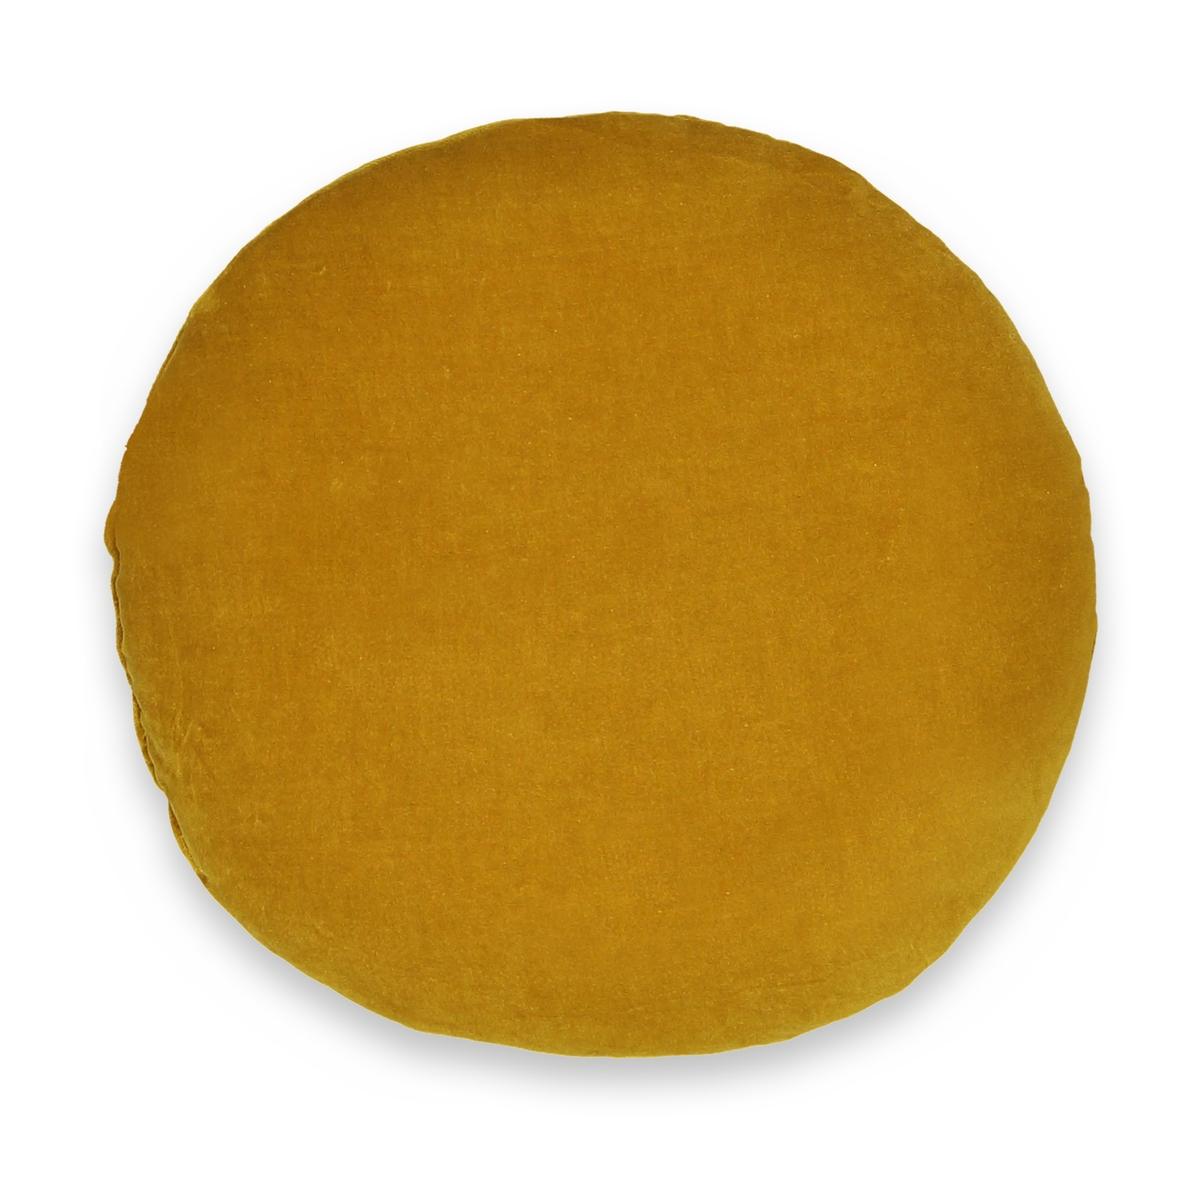 Подушка La Redoute Плоская круглая на стул из велюра VELVET единый размер каштановый